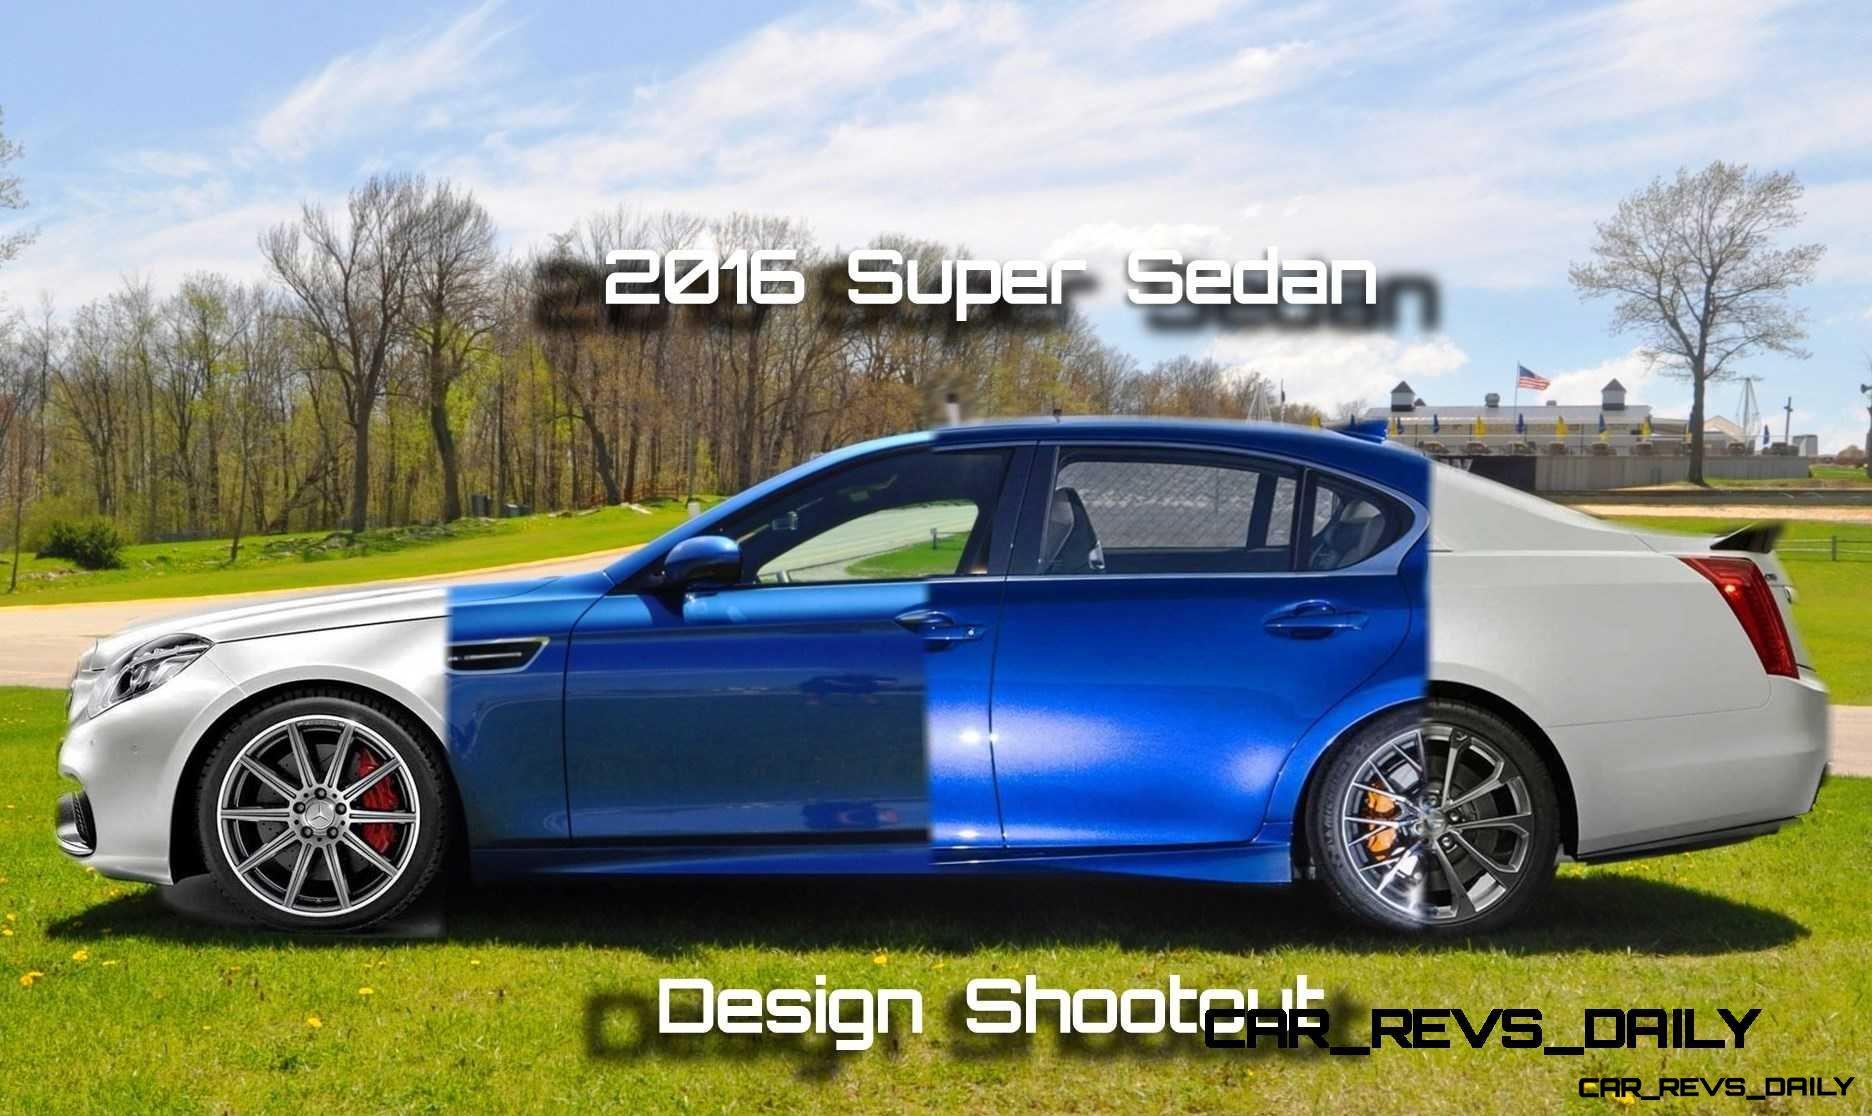 Super Sedans 2016 design shootout2